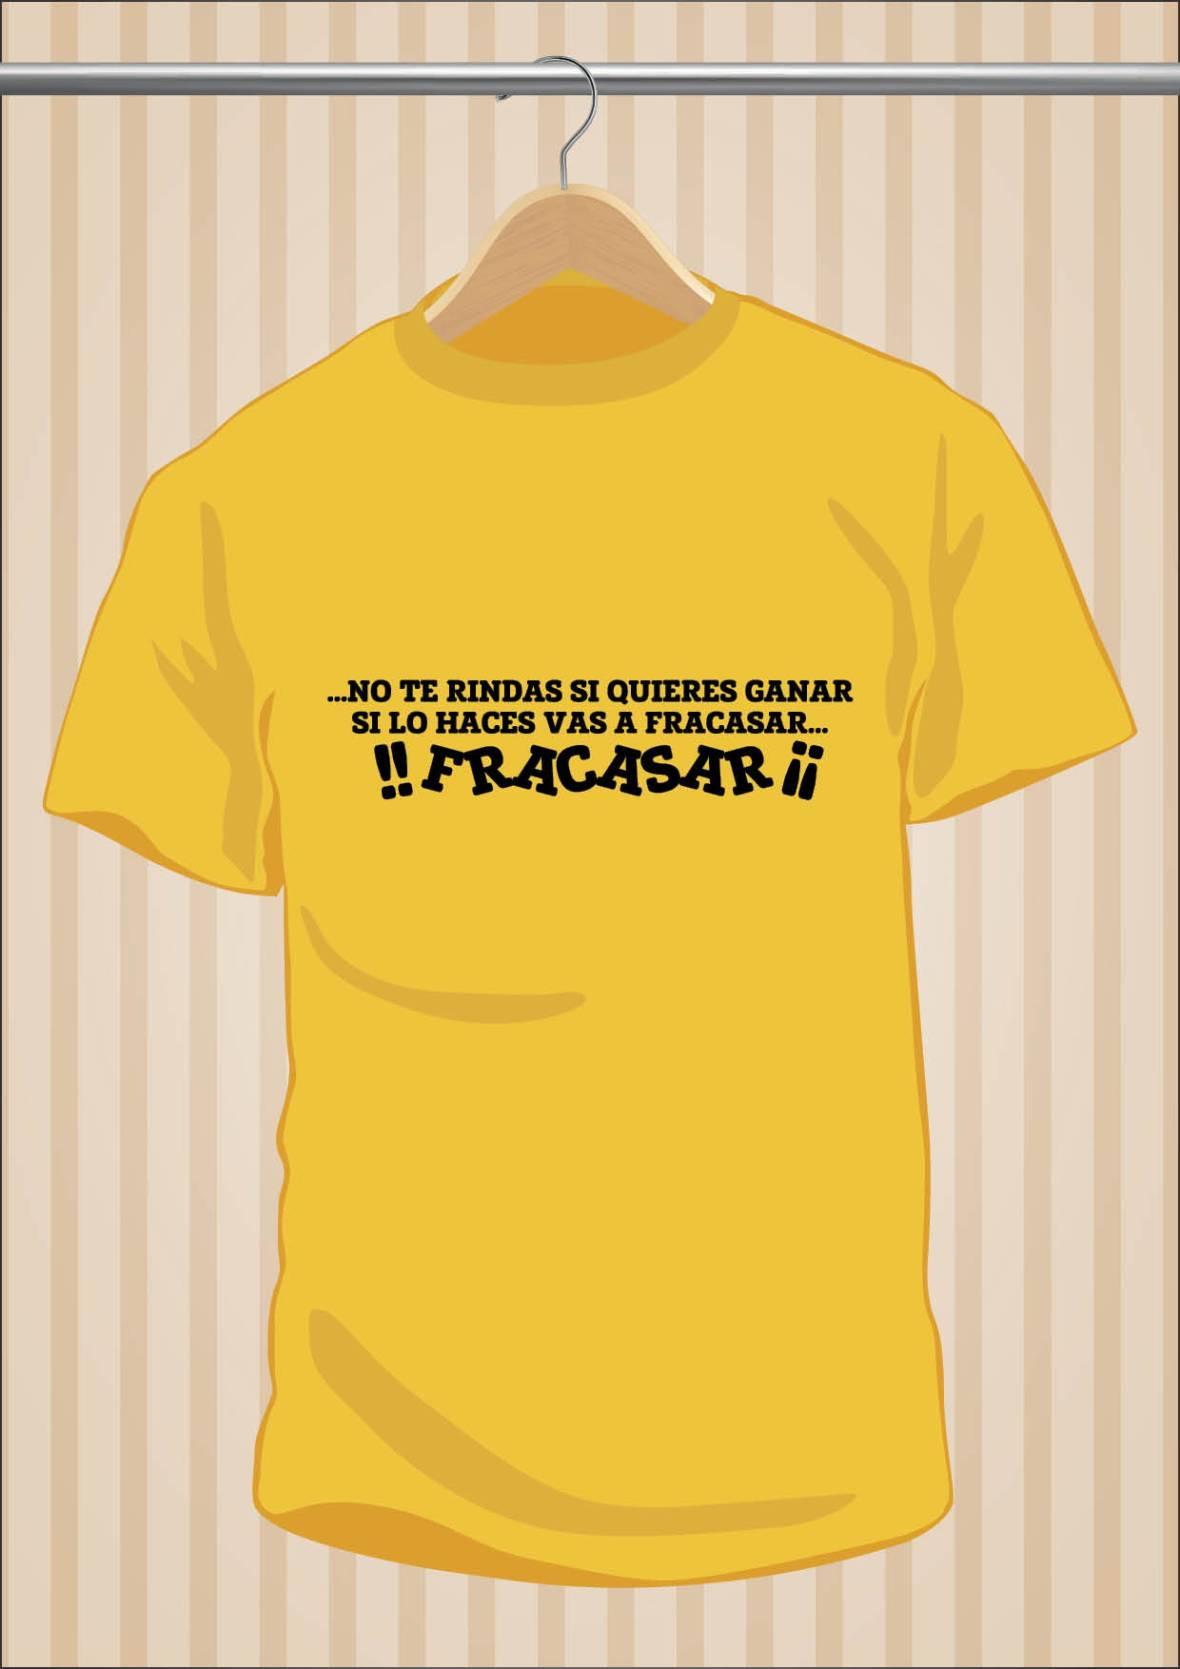 Flos Mariae No Te Rindas Si Quieres Ganar Si Lo Haces Vas a Fracasar T-Shirt - UppStudio